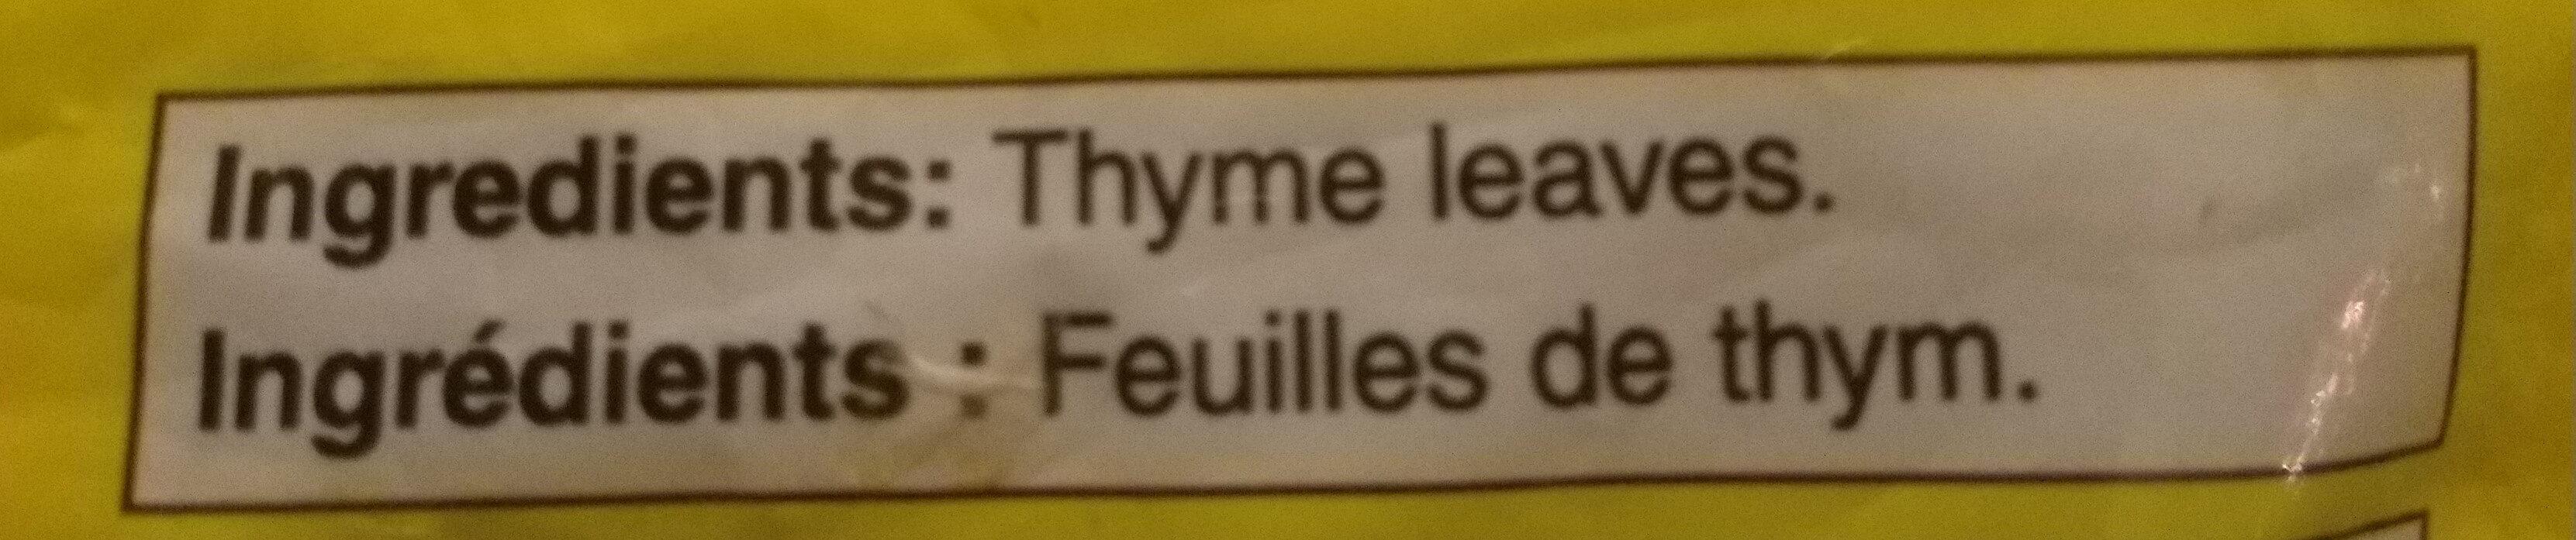 Feuilles de thym - Ingredients - fr